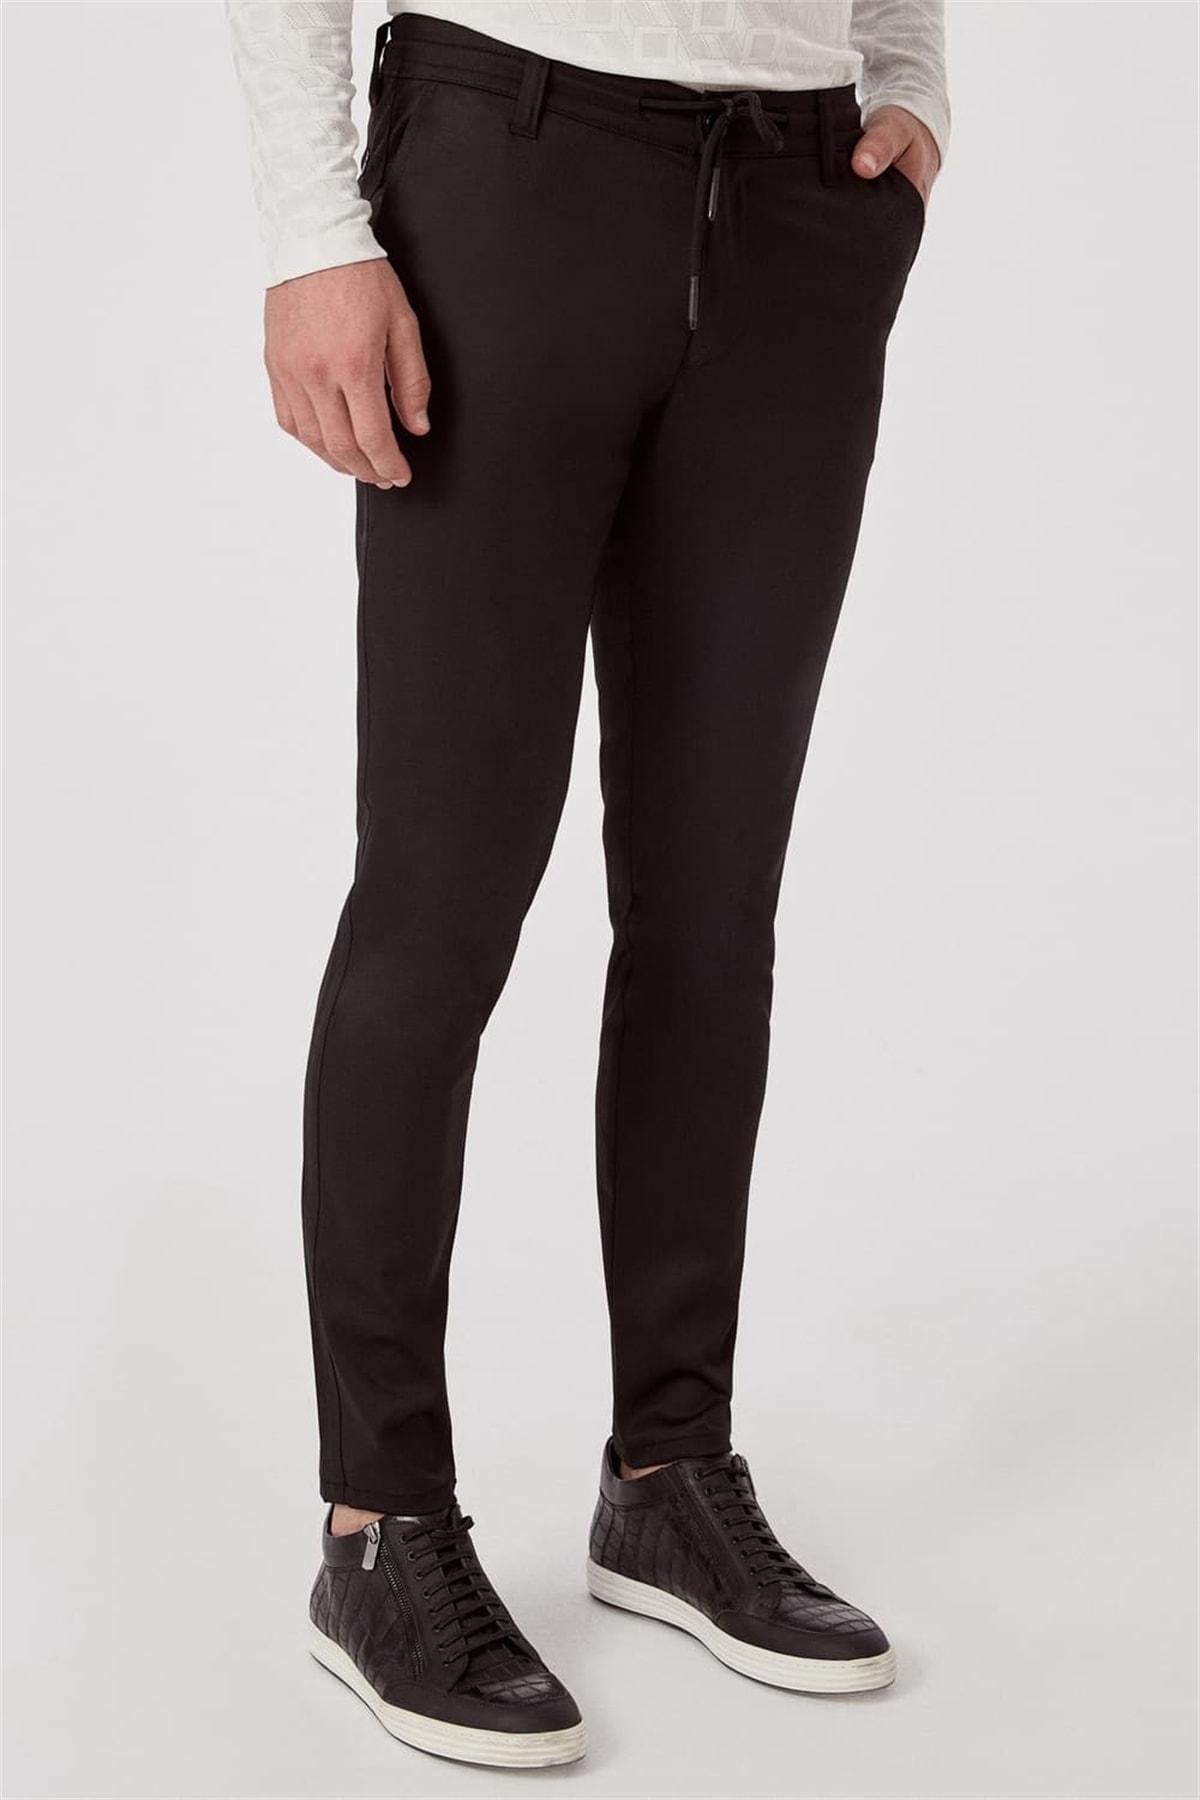 Efor ATP 015 Rahat Kesim Siyah Spor Pantolon 2